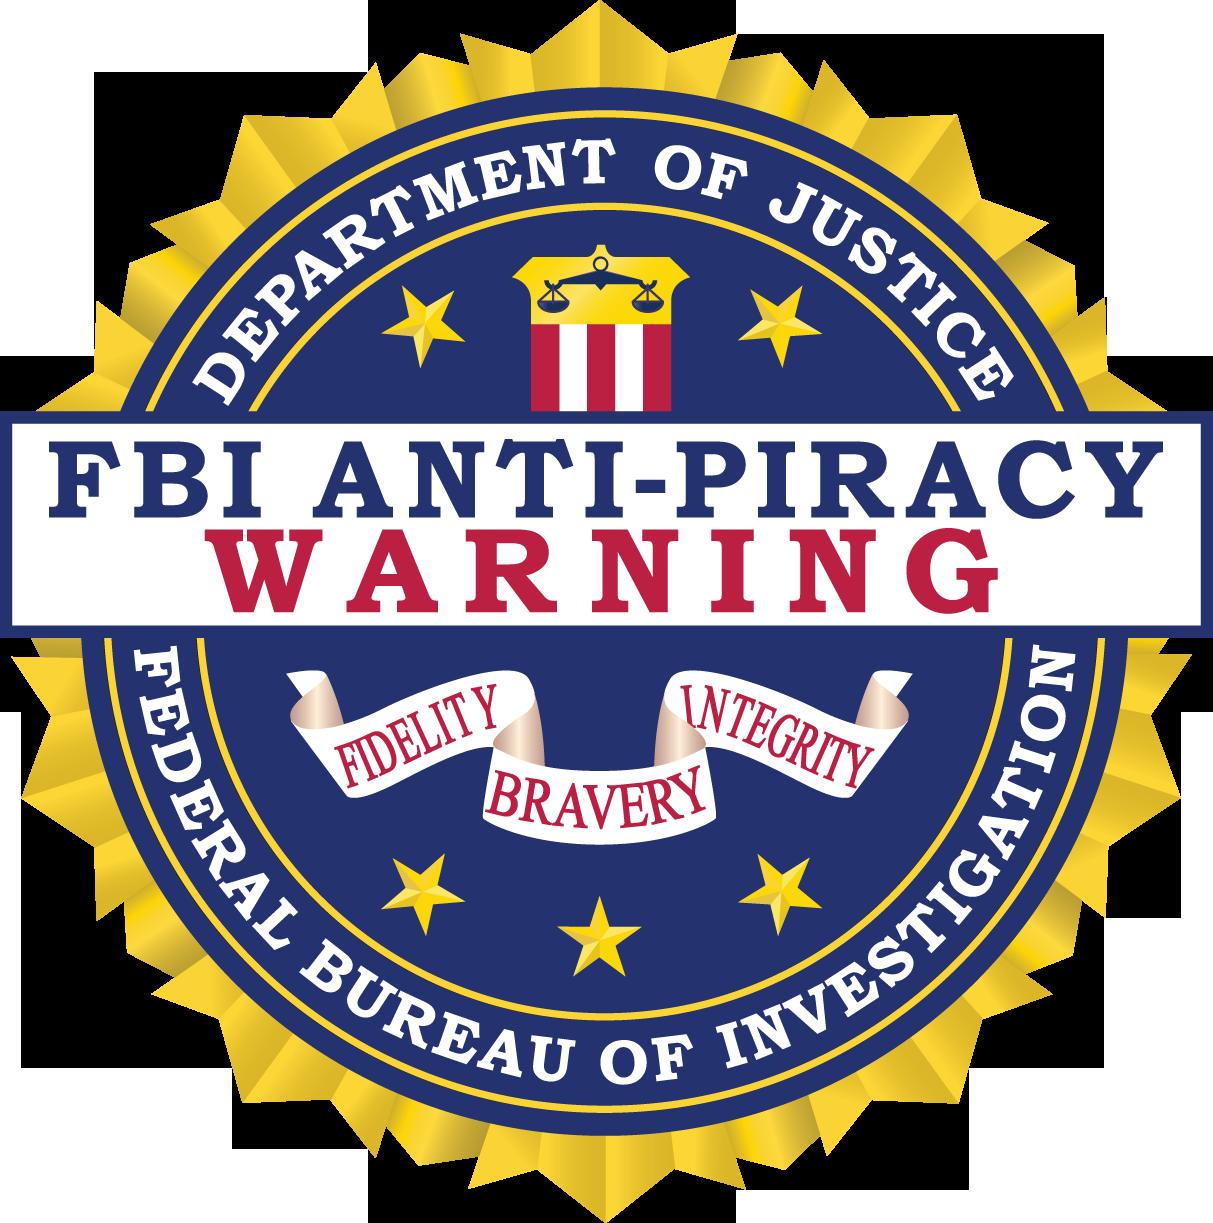 fbi antipiracy warning seal � fbi